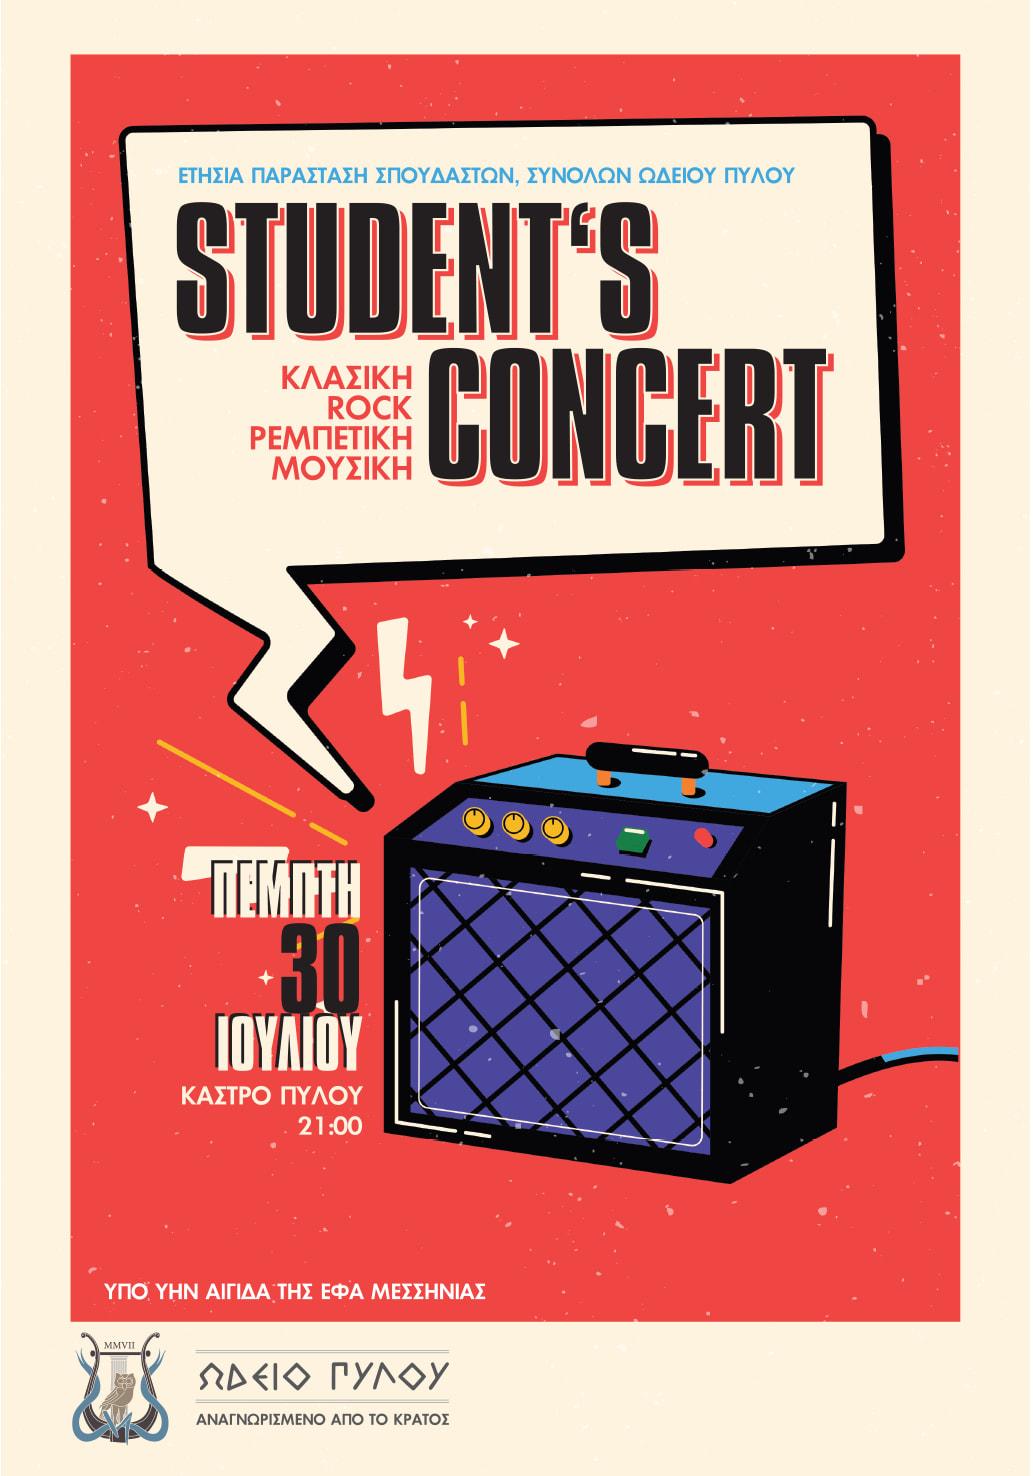 Ωδείο Πύλου - Live concert σπουδαστών